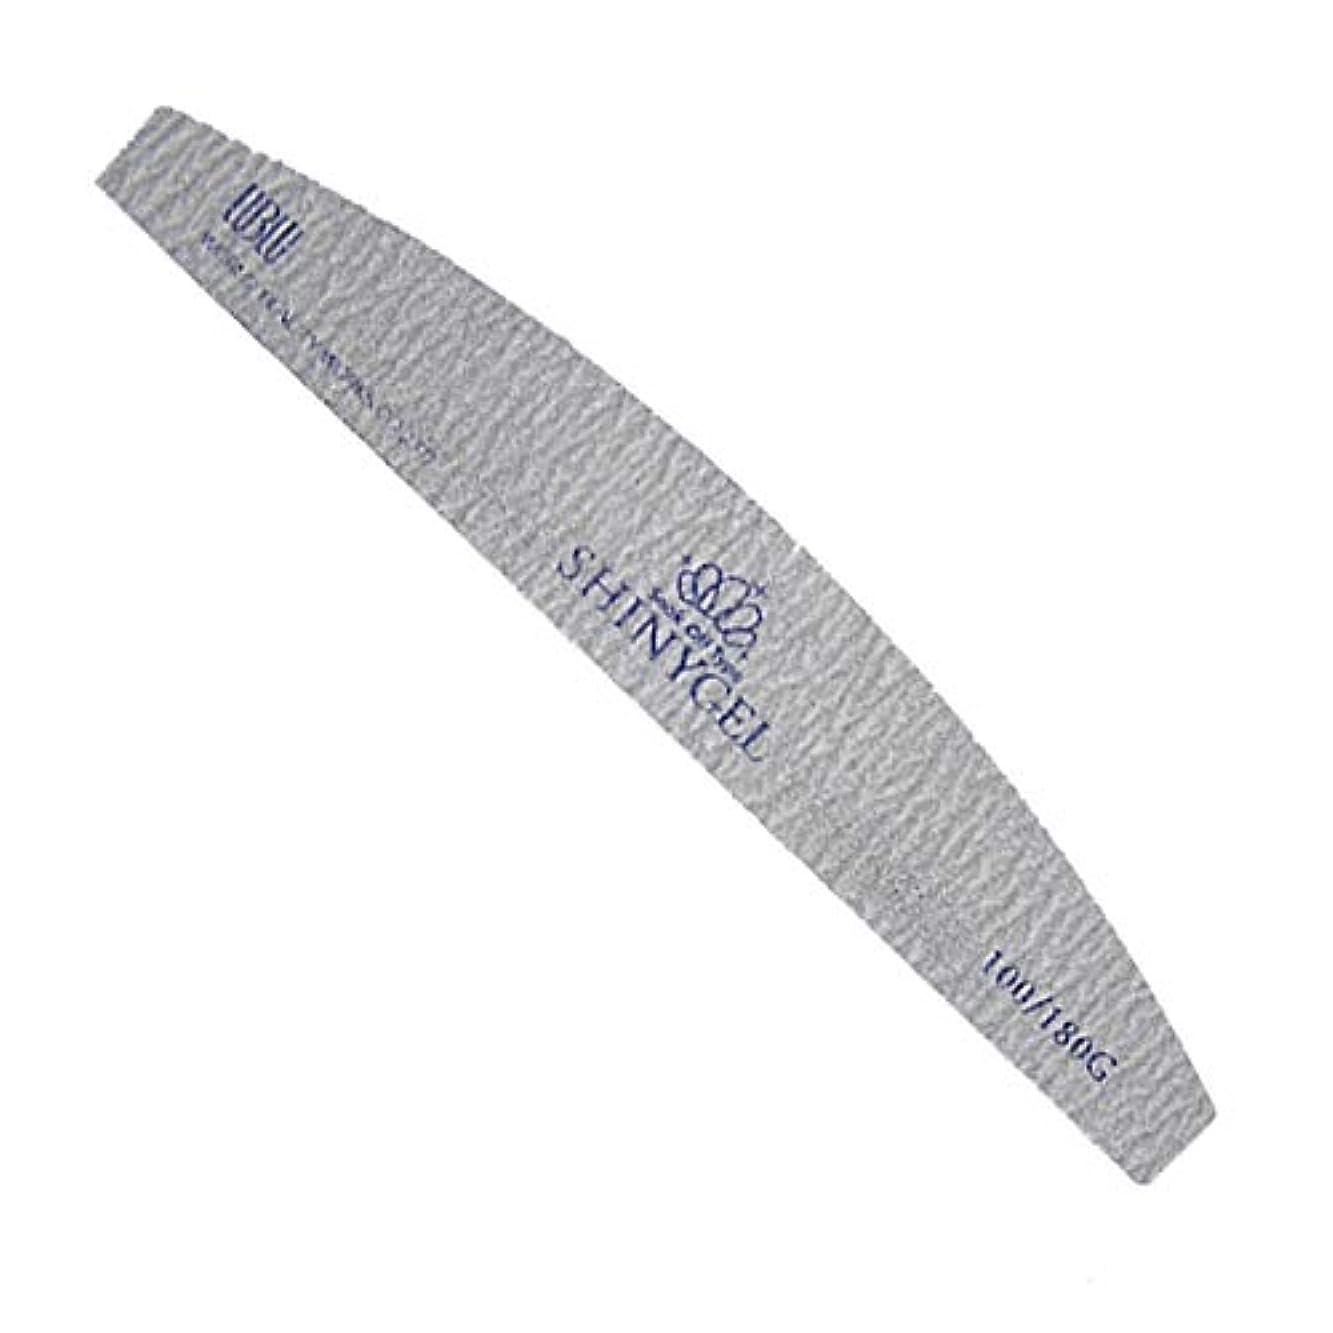 アイロニー韻飲料SHINYGEL シャイニージェル ゼブラファイル(アーチ型) 100/180グリッド